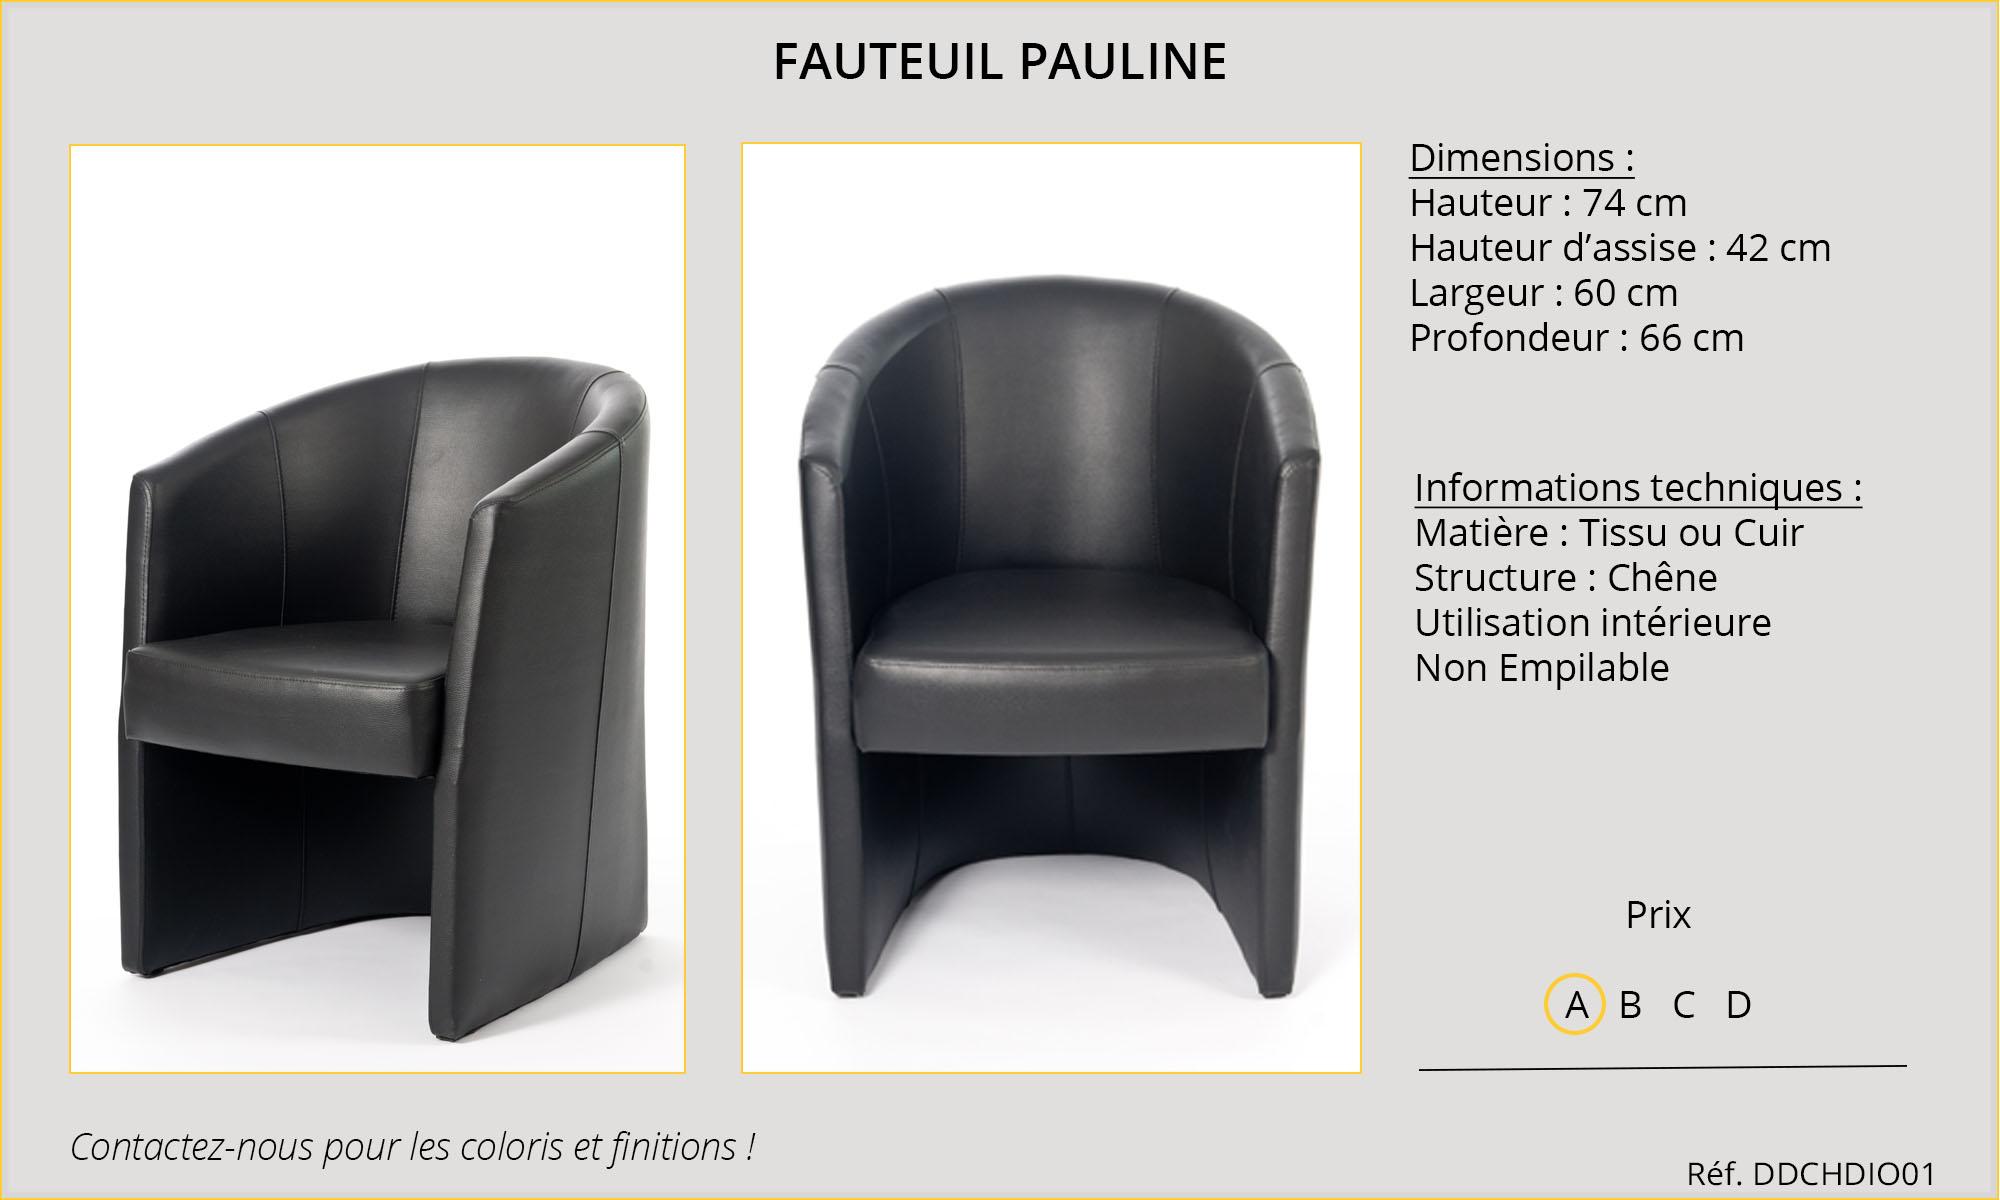 Rideaux Hôtels fauteuil Pauline